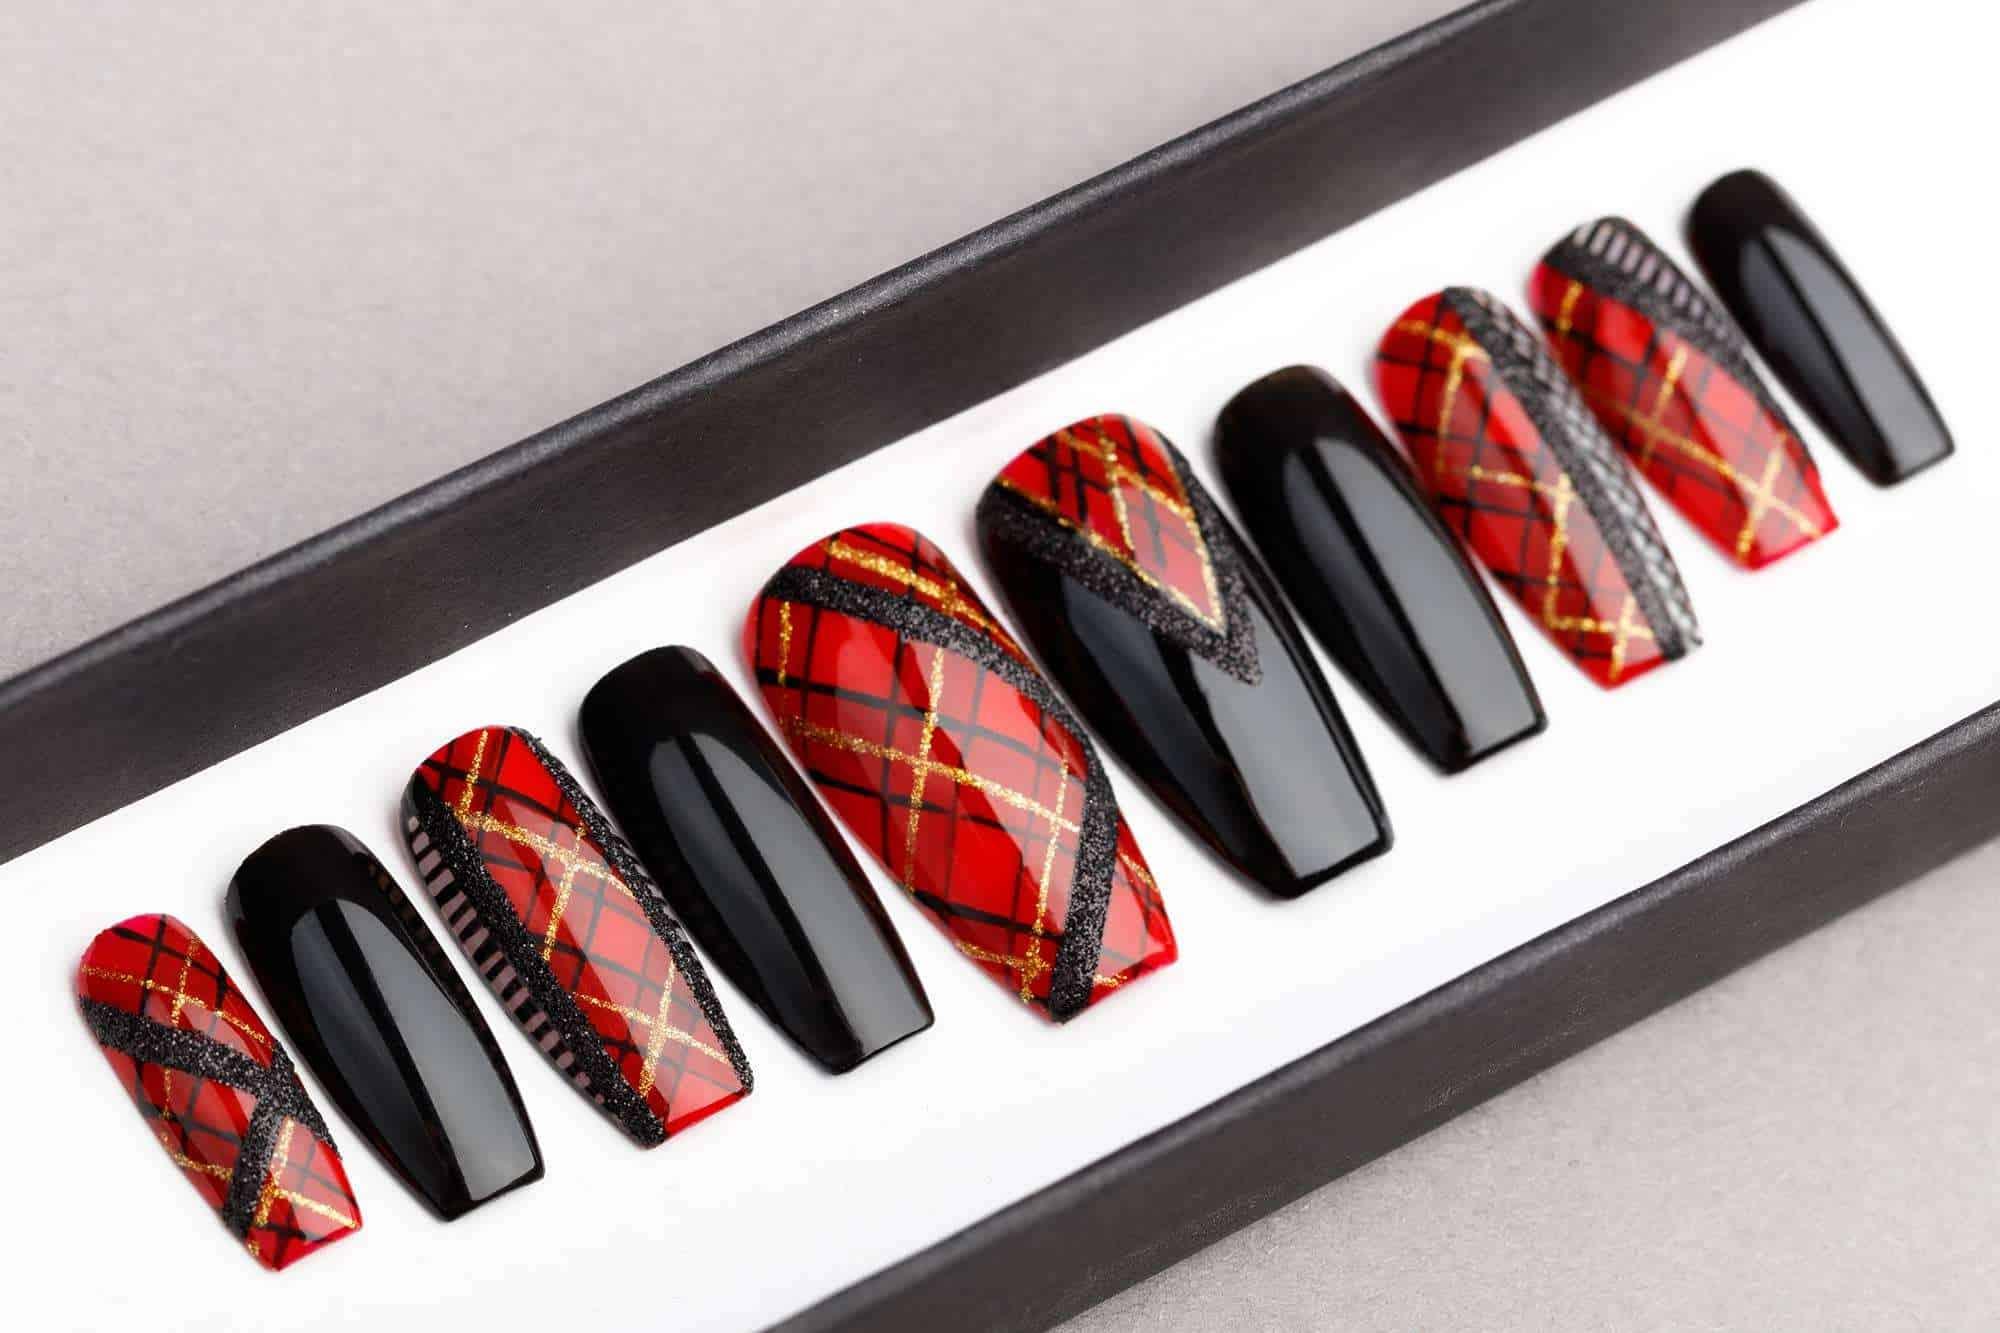 Balmain inspired press on nails, fake nails, pop-ons, celebrity nails